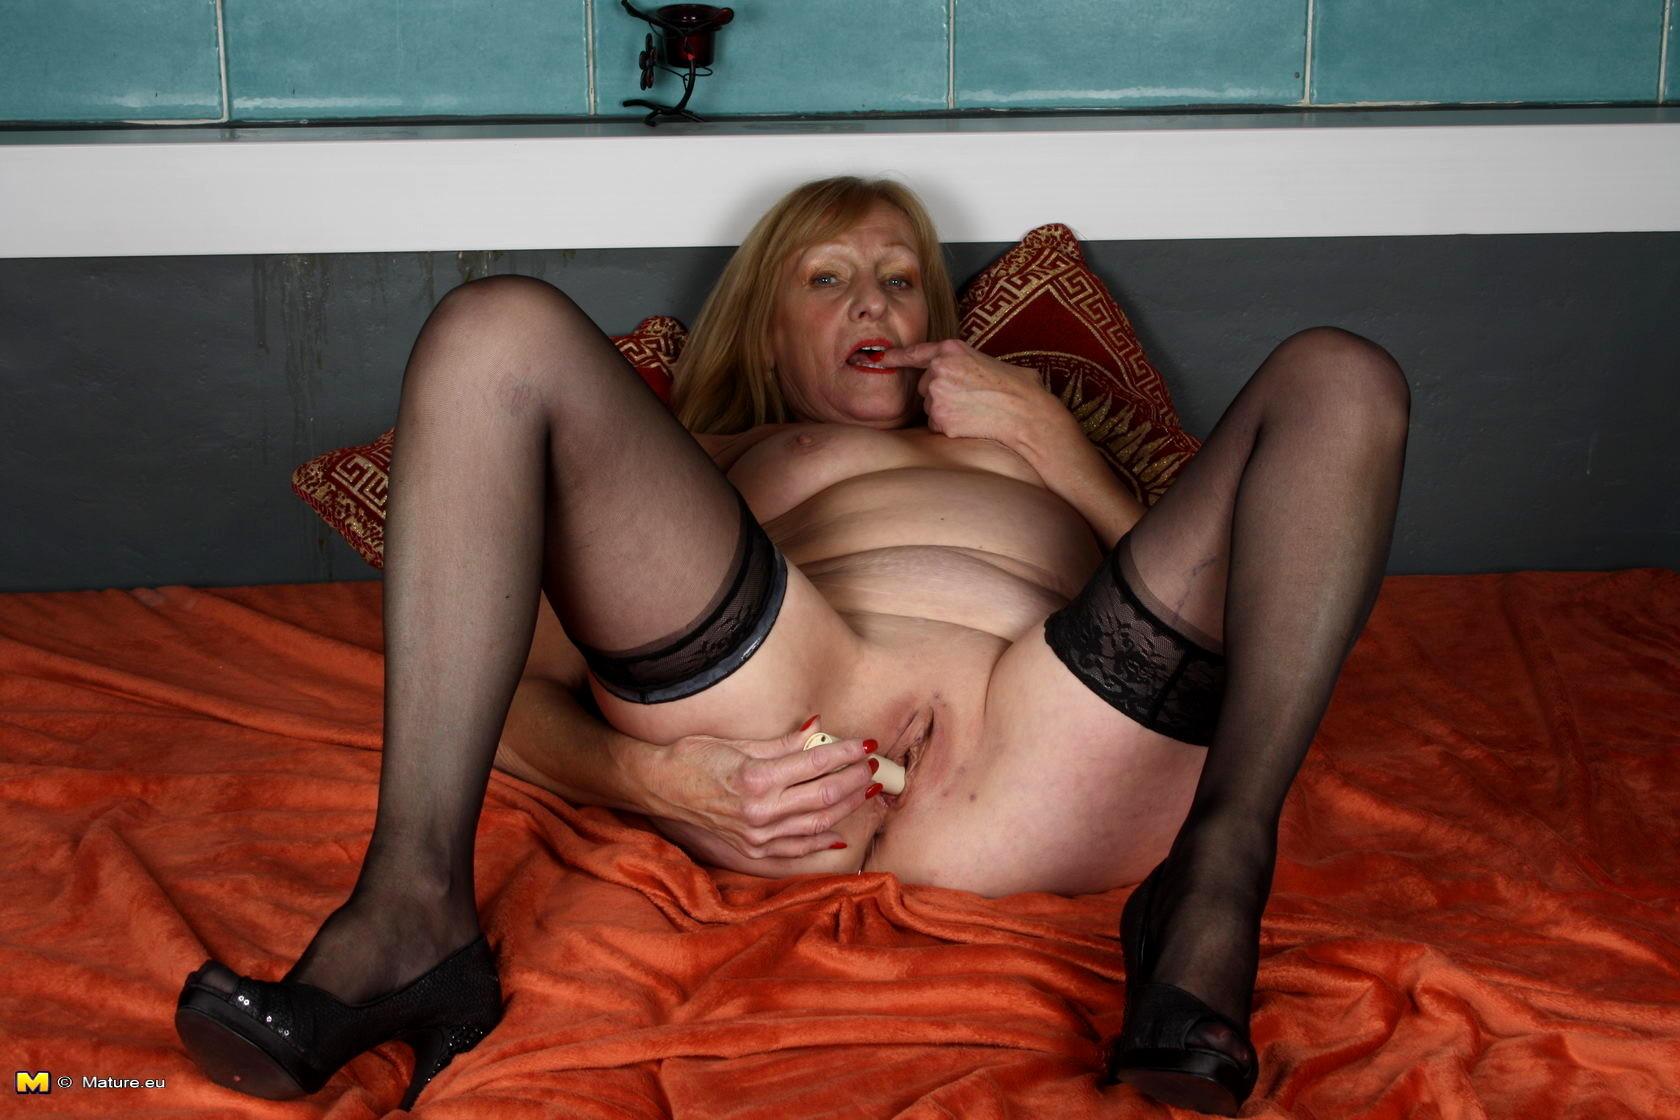 Проститутки омска старшего возраста, Проститутки Индивидуалки Омска - Дешевые 27 фотография